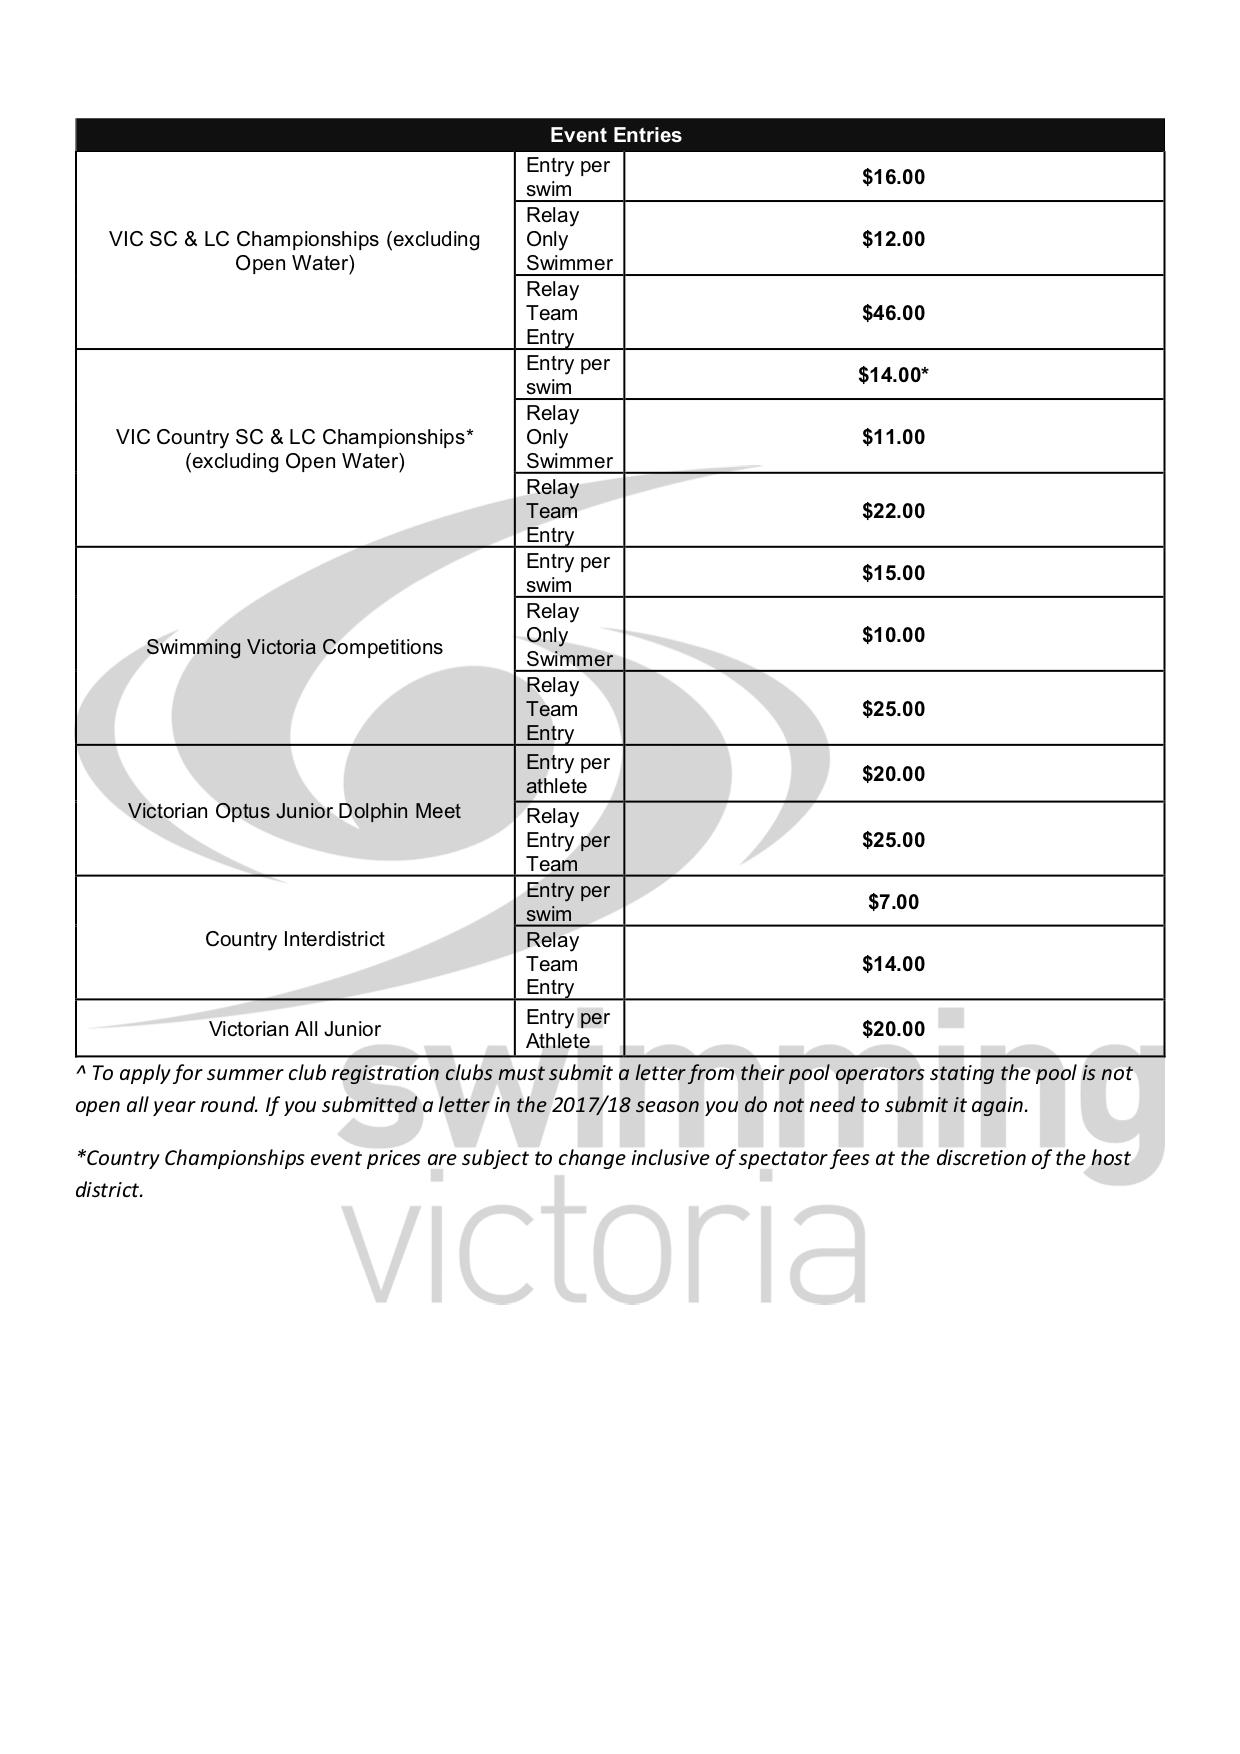 Schedule_of_Fees_18_19_FINAL pg2.jpg